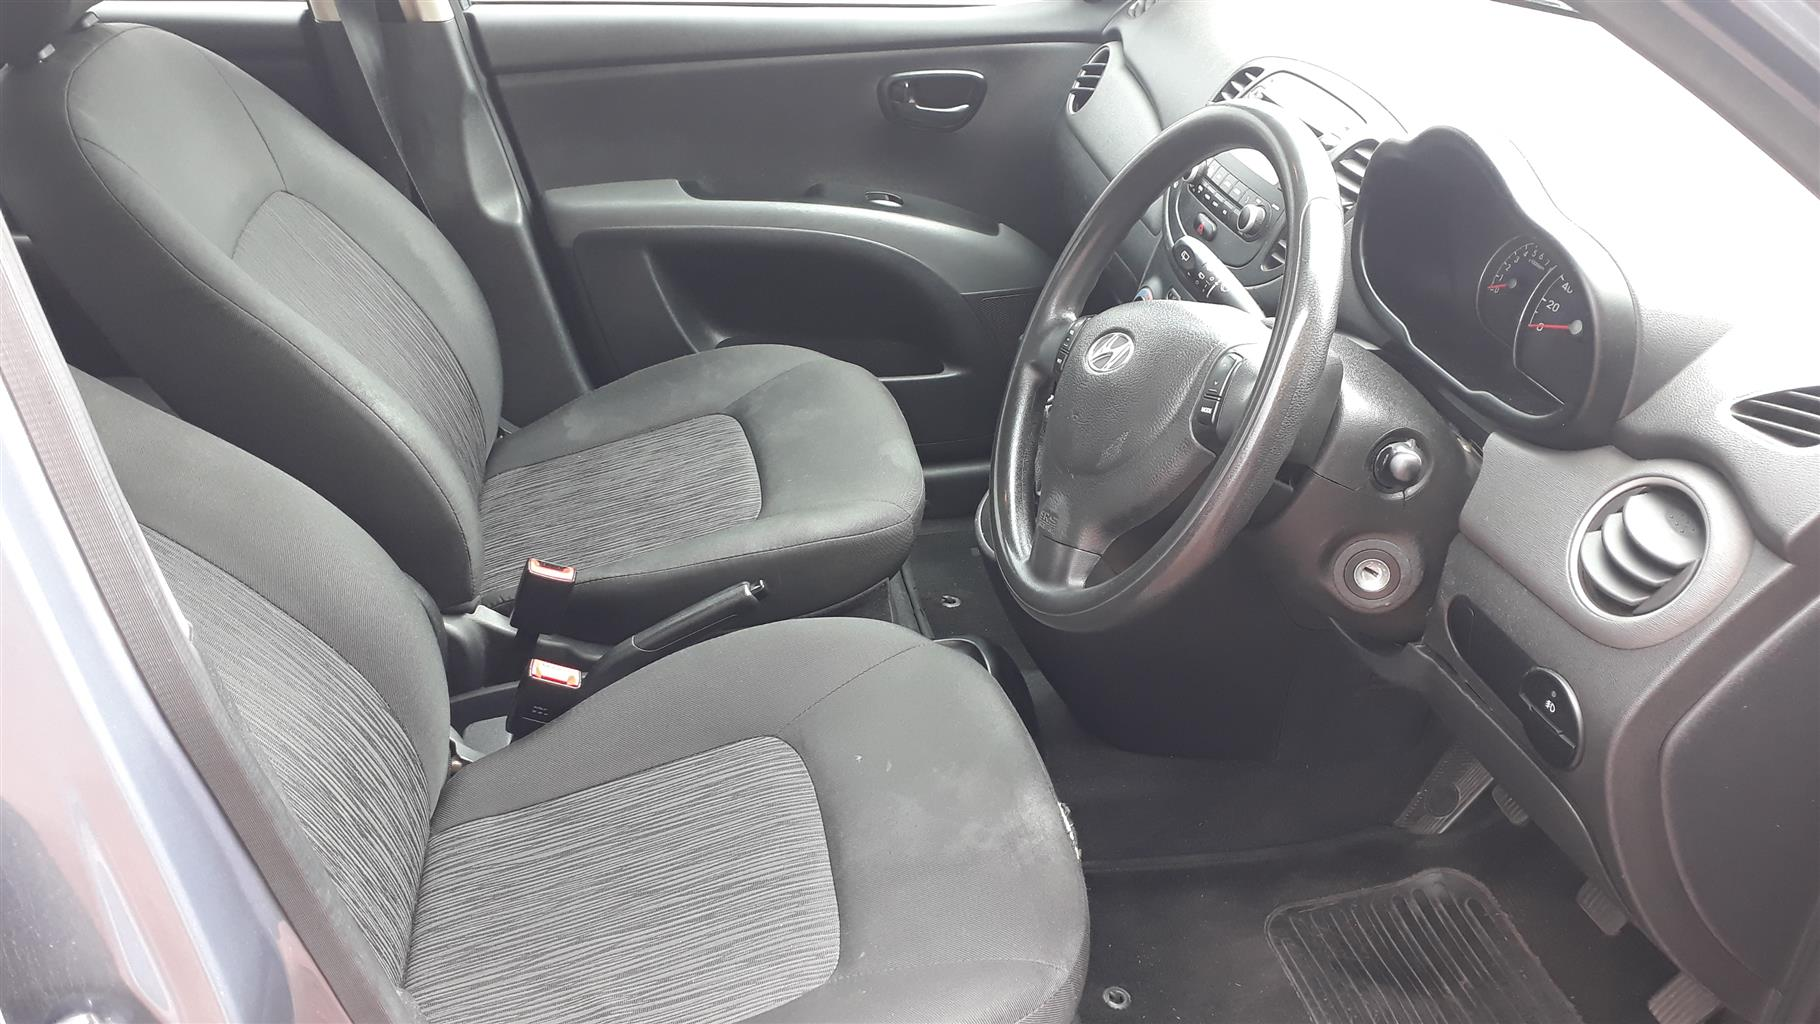 2015 Hyundai i10 1.1 GLS